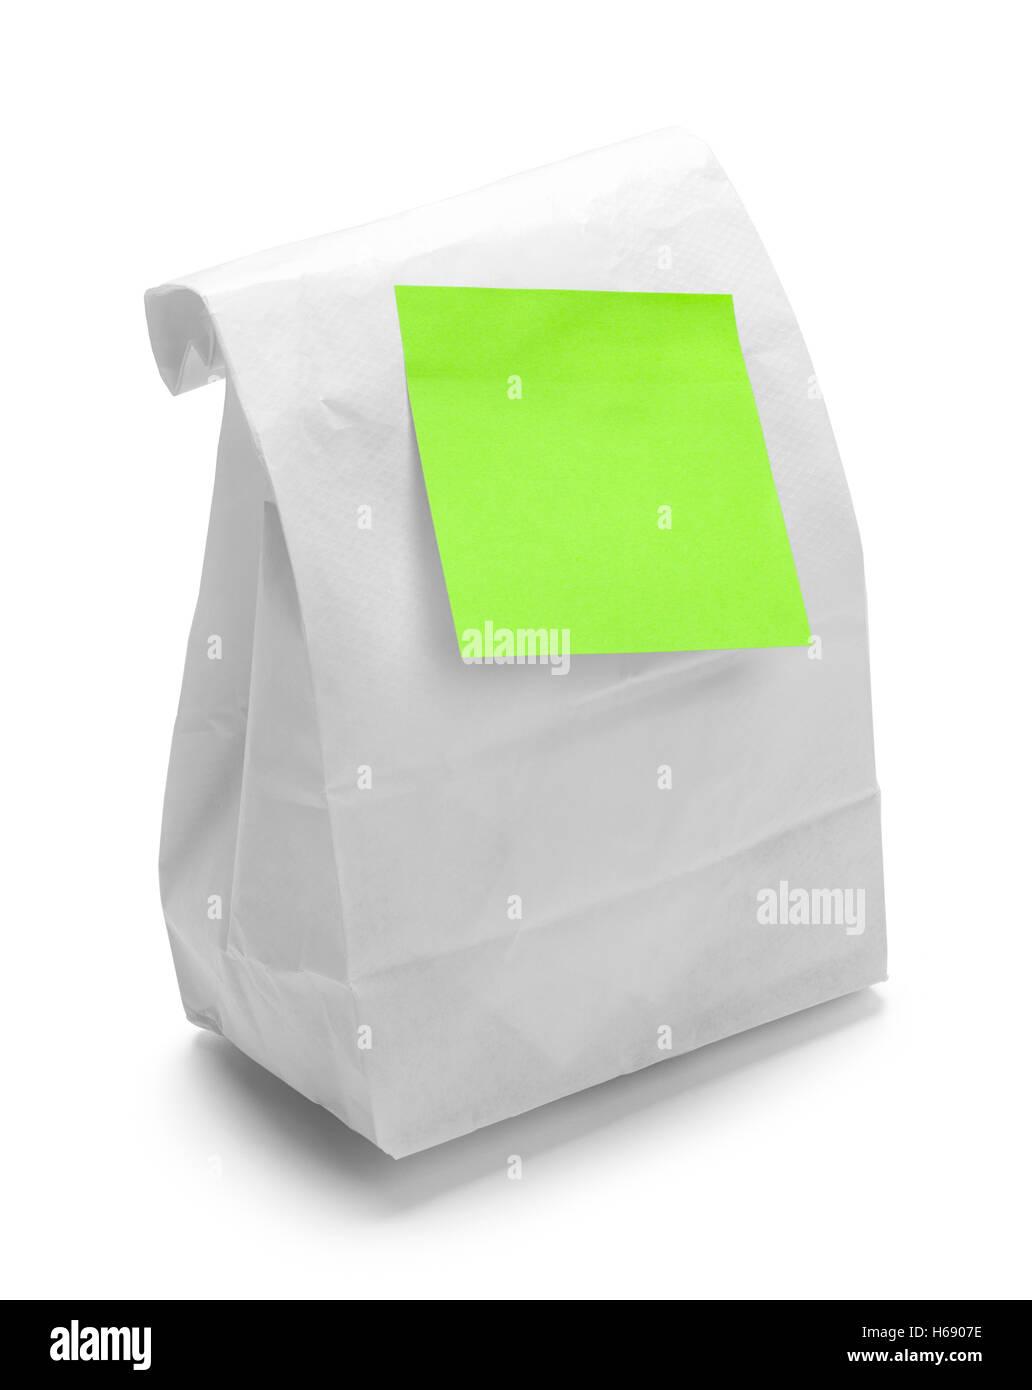 Pranzo a sacco con verde nota adesiva isolati su sfondo bianco. Immagini Stock